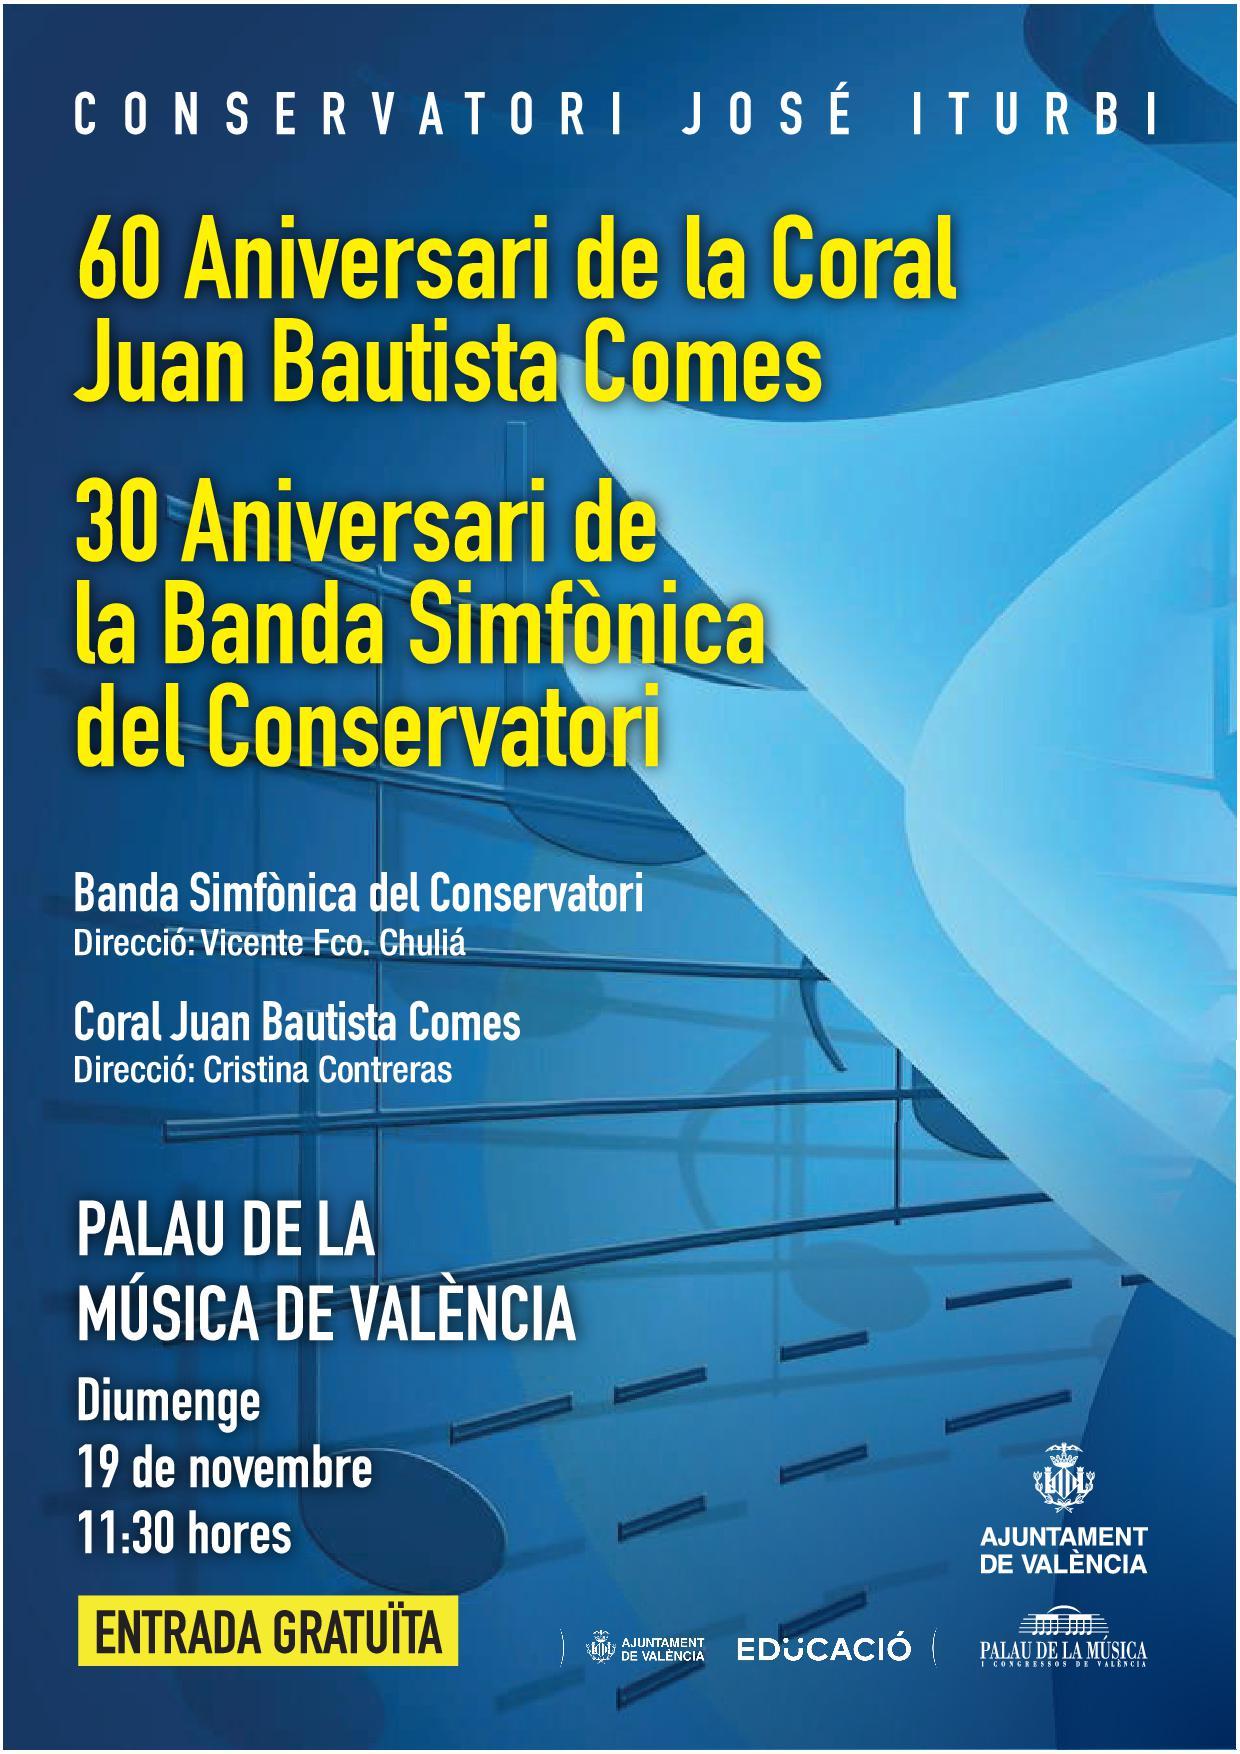 Àudios del Concert aniversari de la Coral Juan Bautista Comes i la Banda simfònica del Conservatori José Iturbi